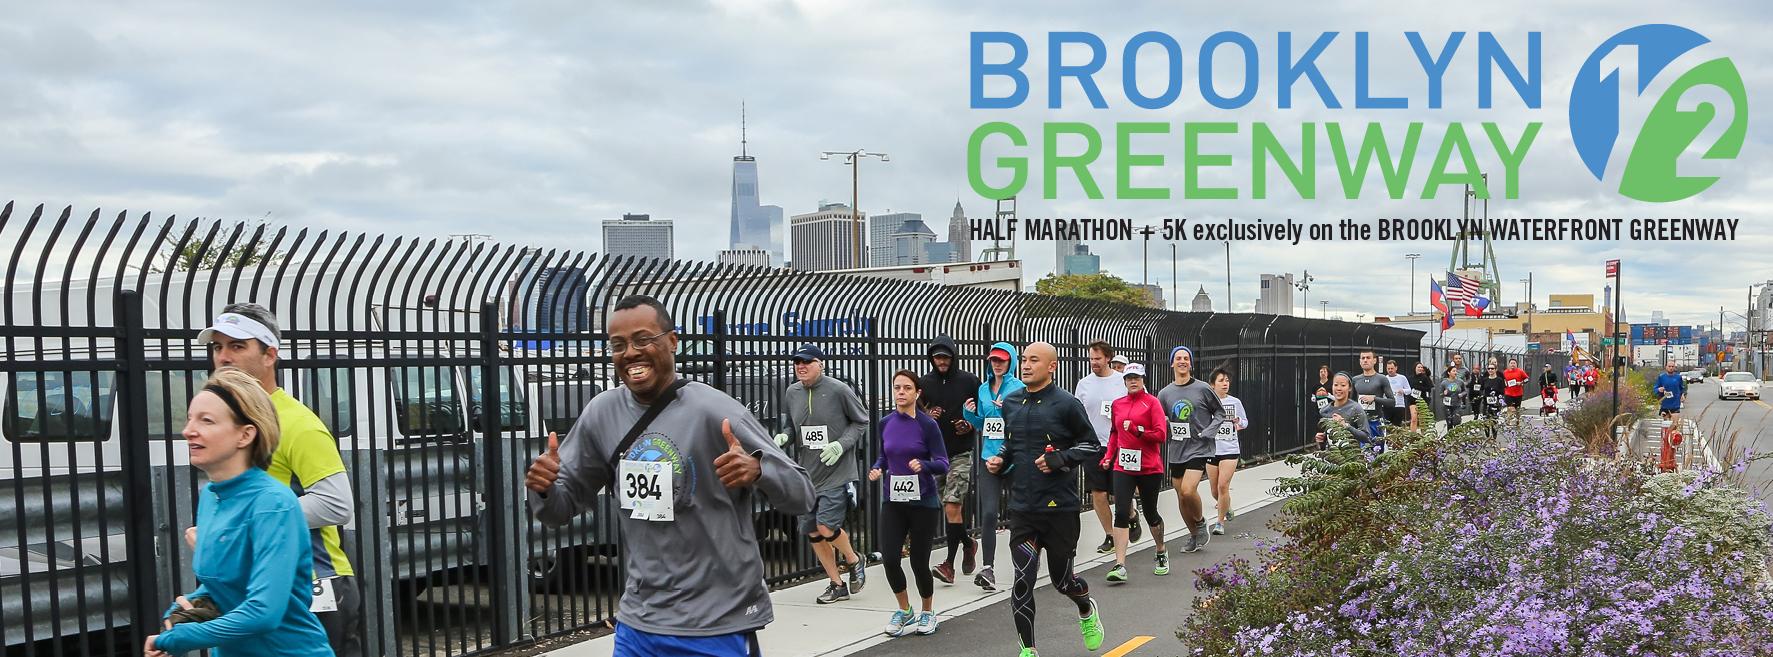 Brooklyn Greenway Half &